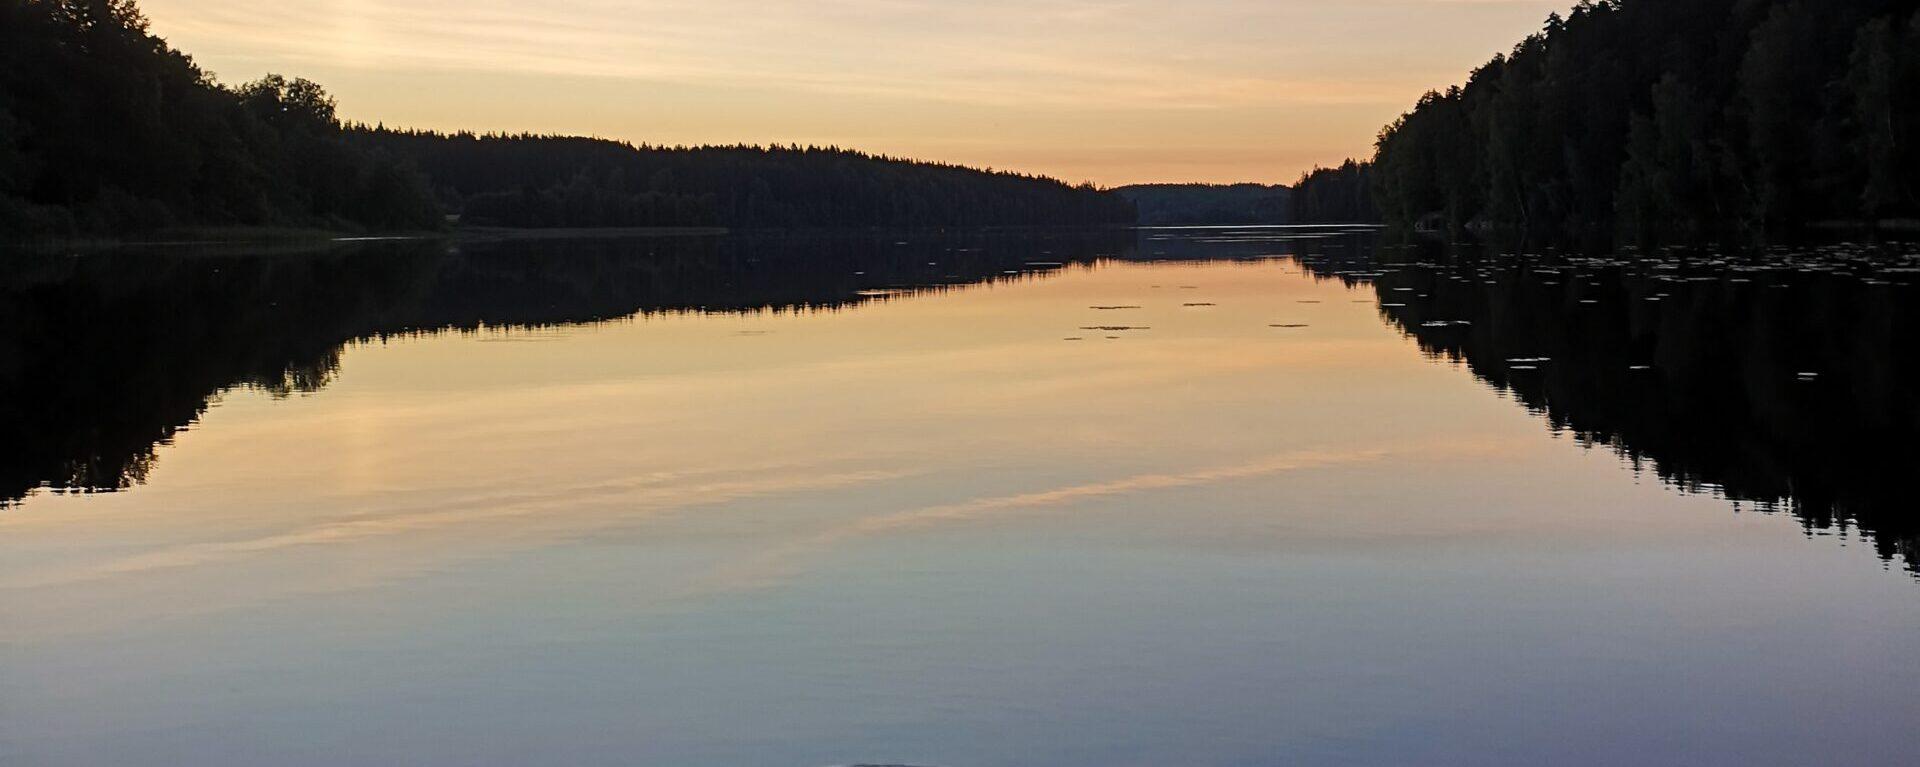 Pro Pitkäjärvi ry